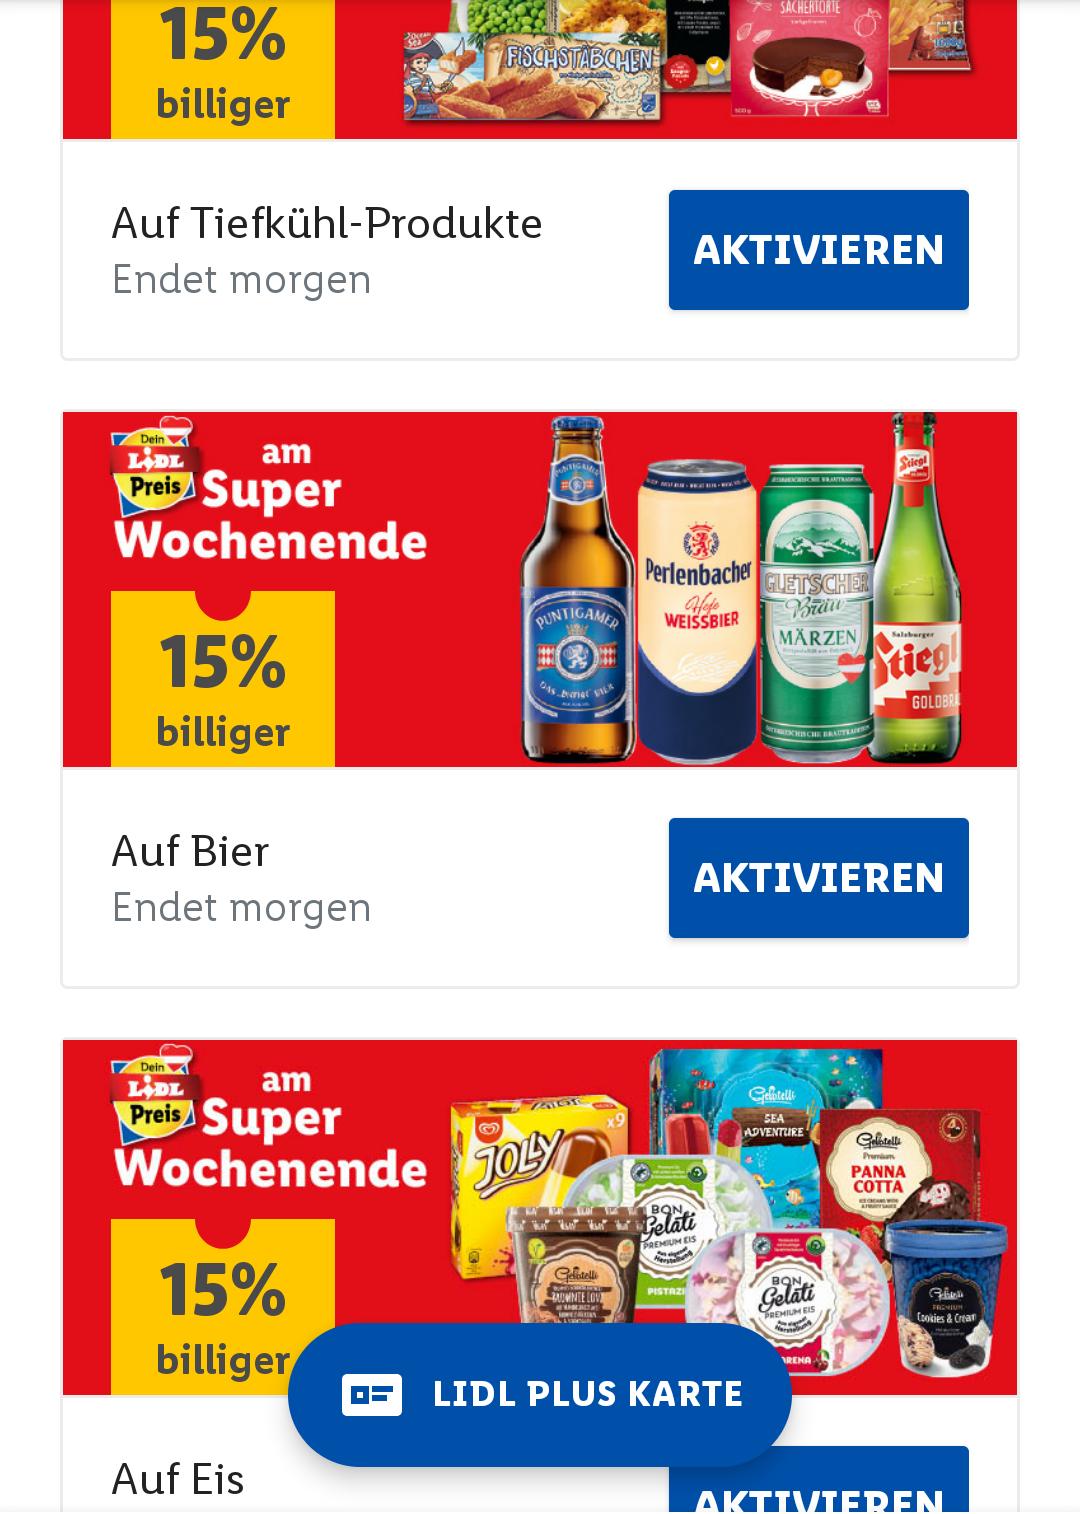 Lidl Plus App: Dieses Wochenende -15% auf alle Tiefkühlprodukte, Eis und Bier